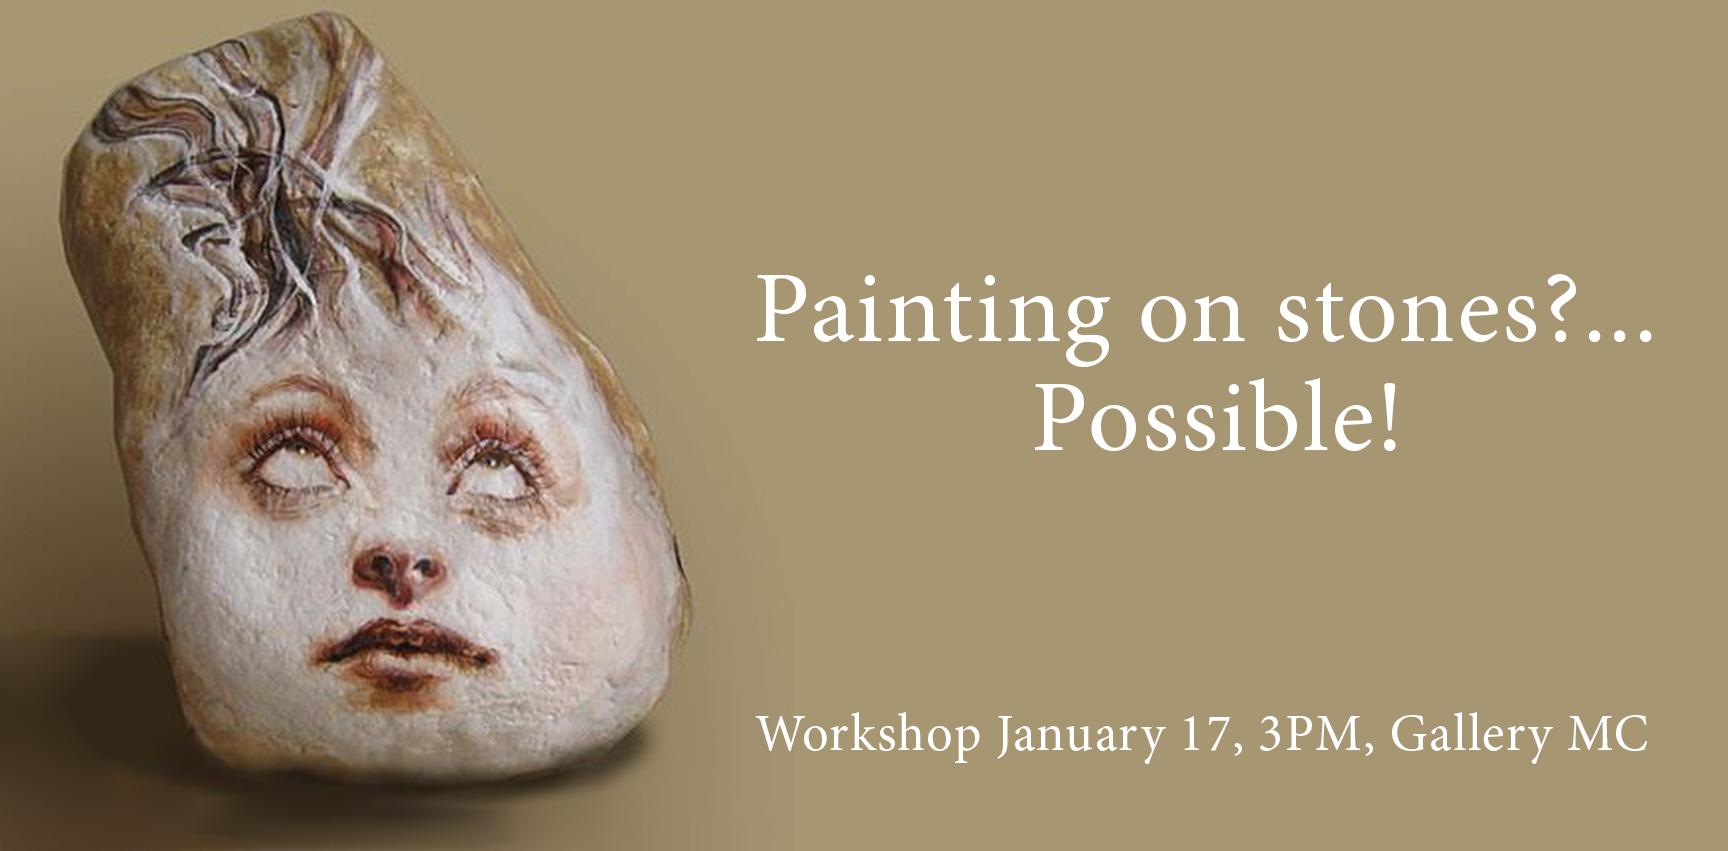 workshop-stonepainting-shirleysiegal-reartiste111.jpg